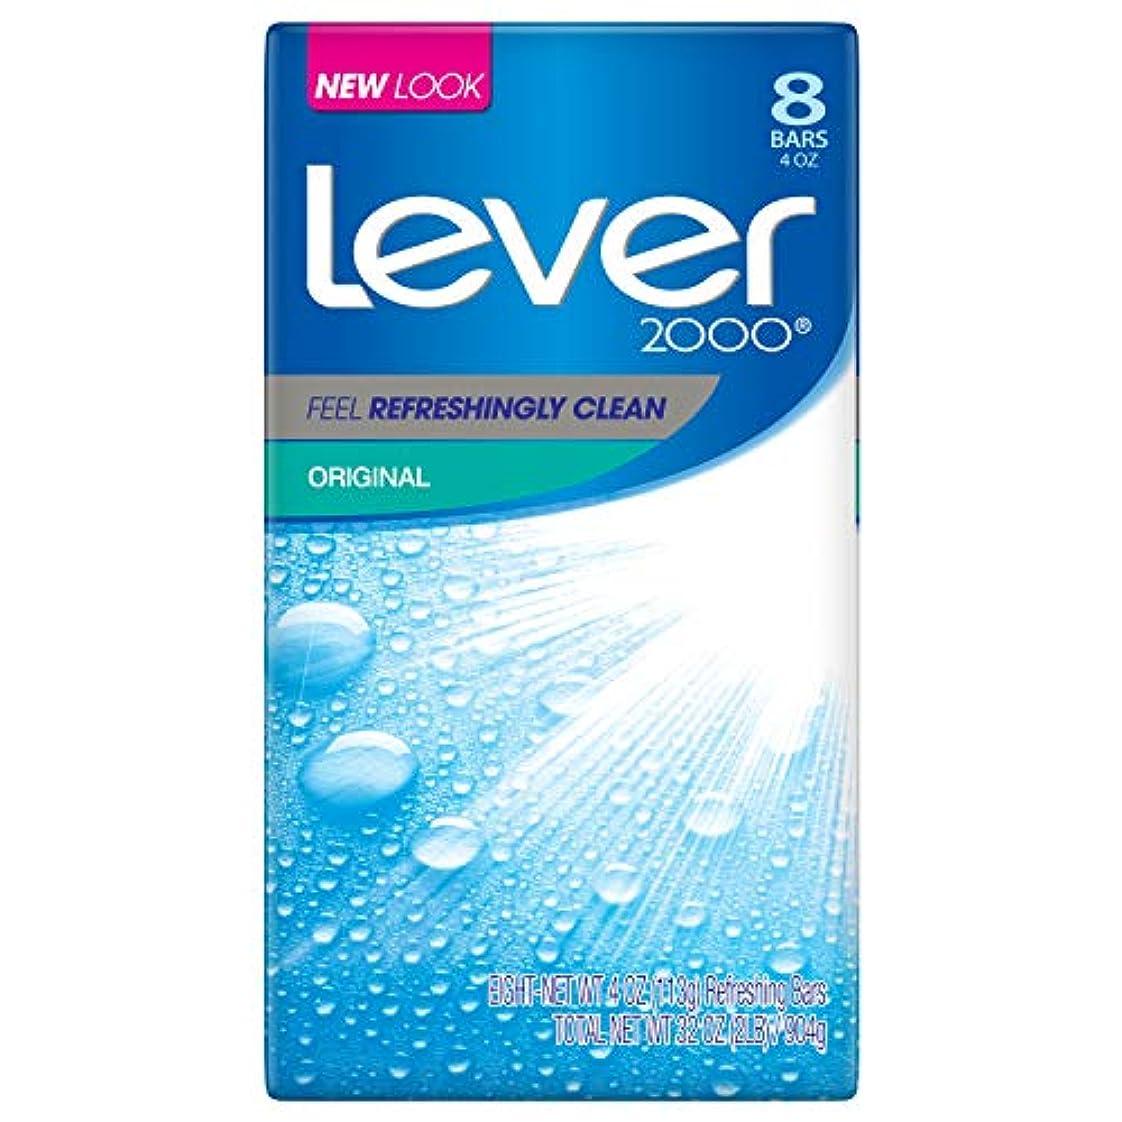 水素ジョージバーナード思想Lever 2000 石鹸、オリジナル4オズ、8バー